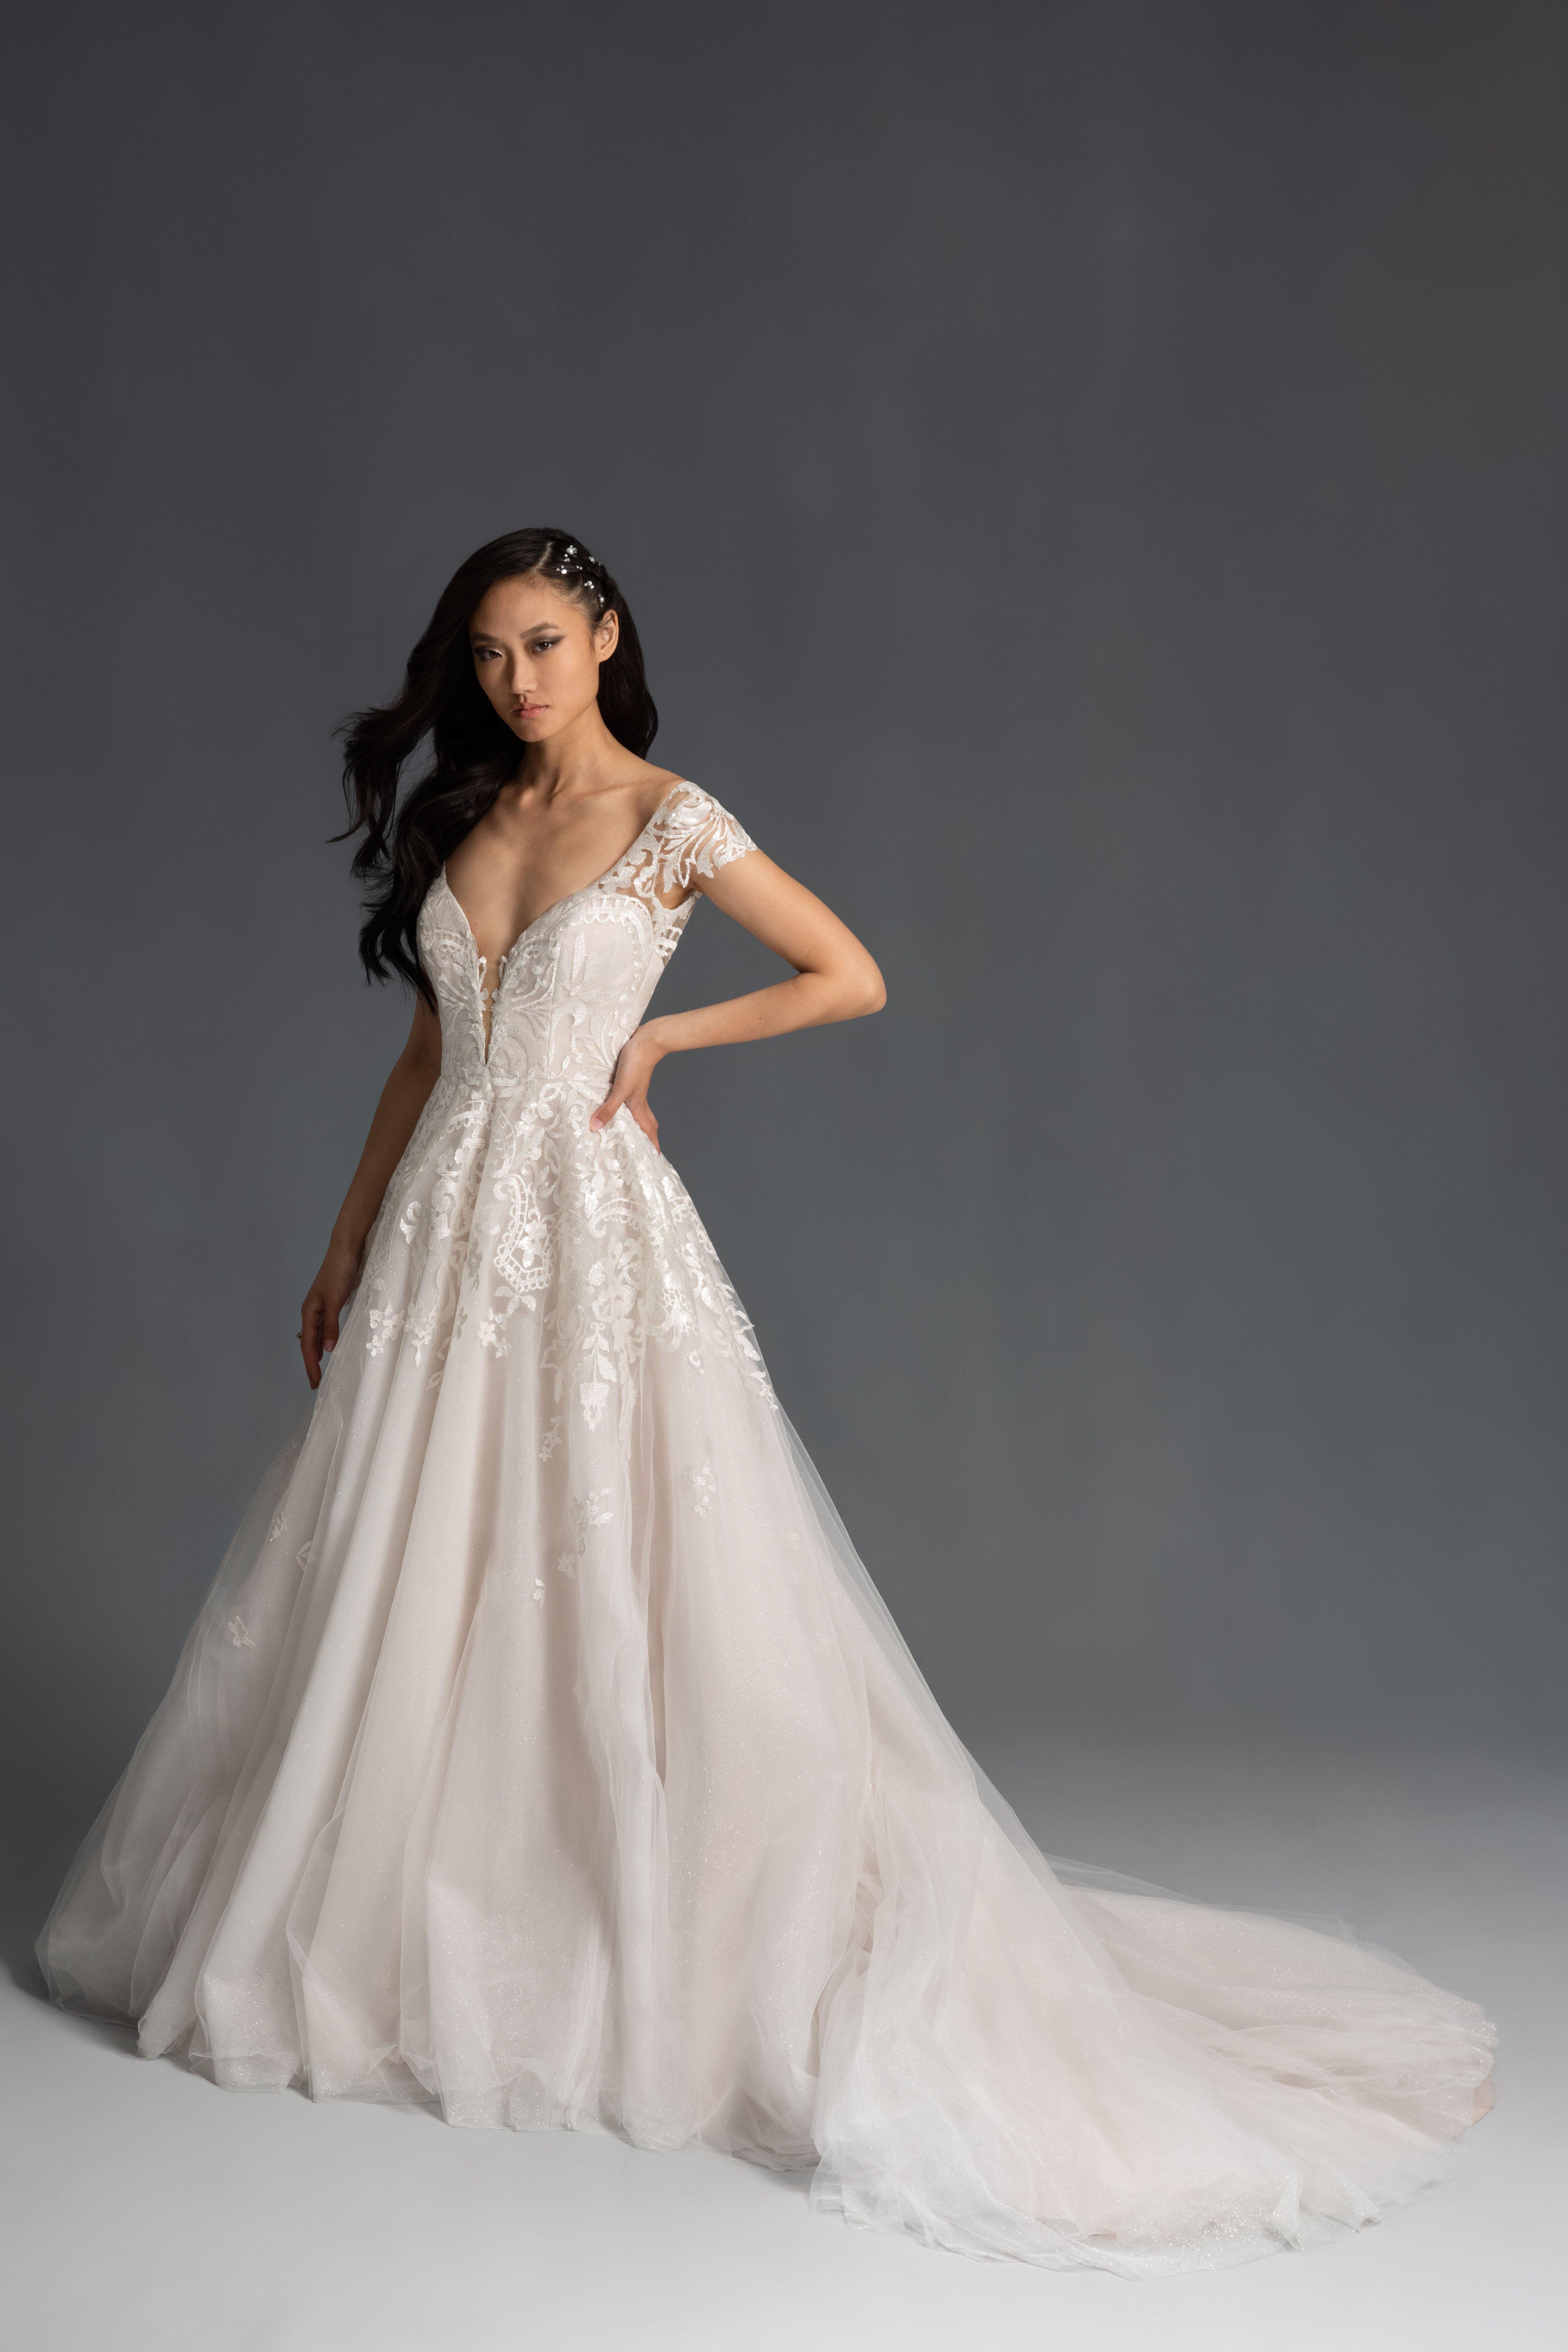 Hayley Paige Spring 2020 Wedding Dress Collection Martha Stewart